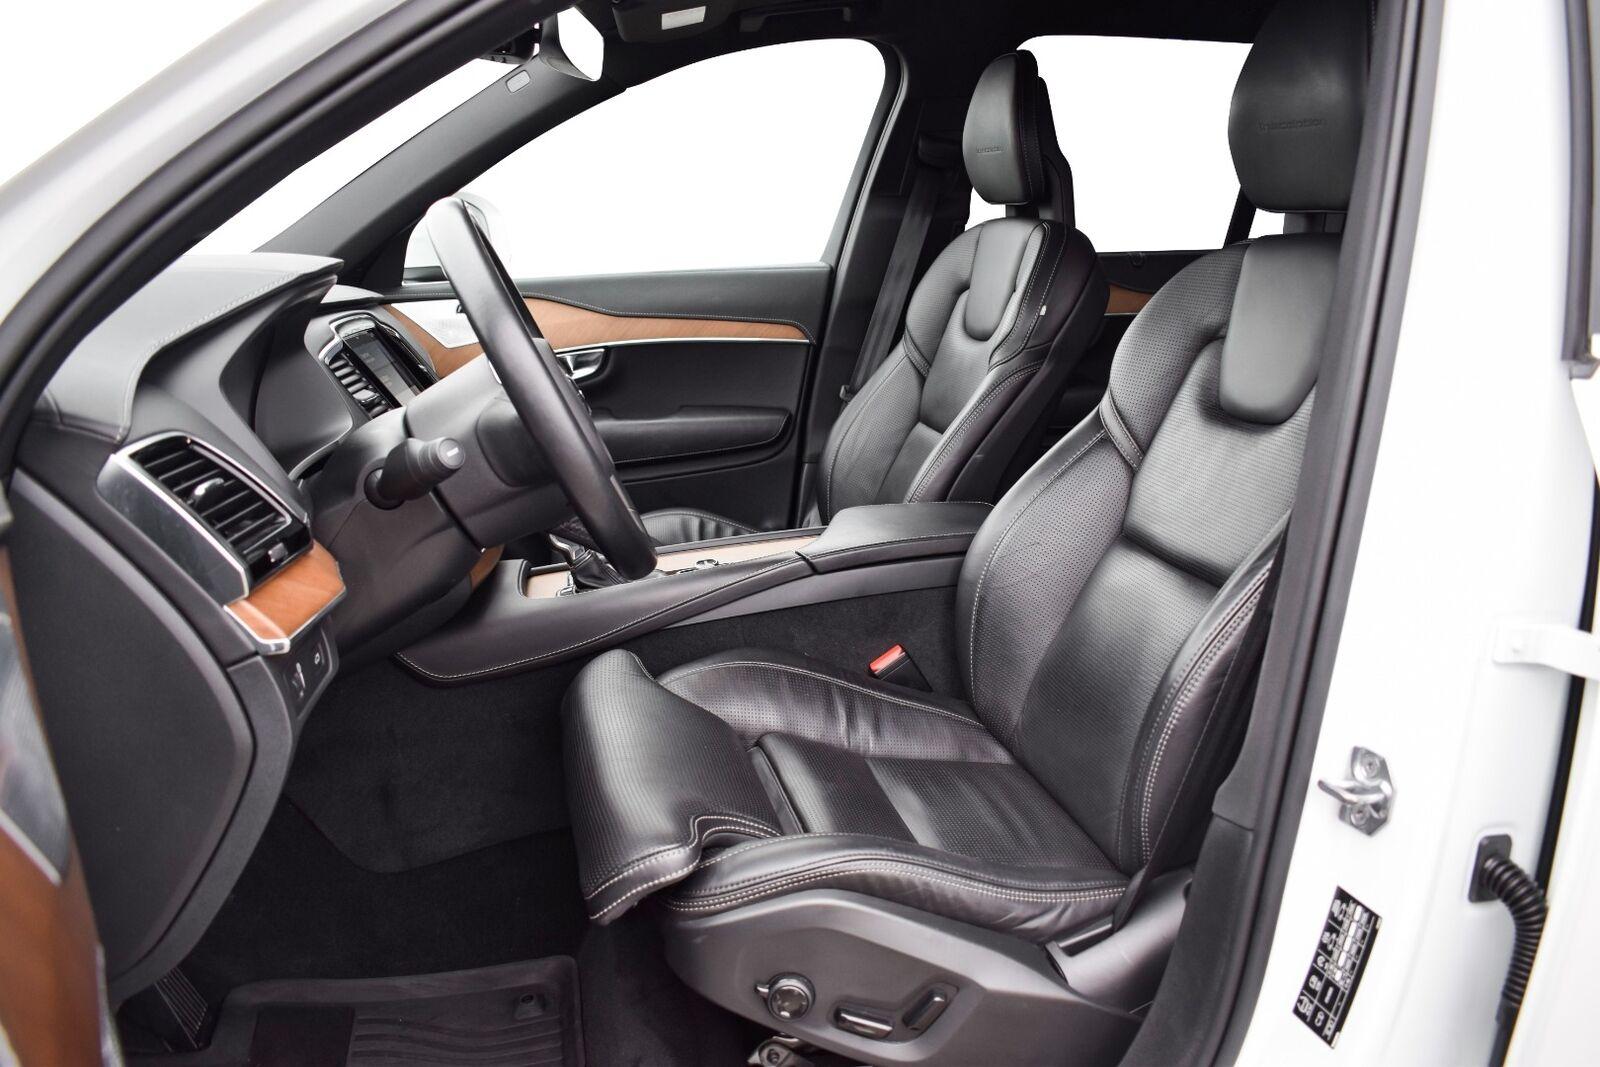 Volvo XC90 2,0 D5 235 Inscription aut. AWD 7p - billede 6